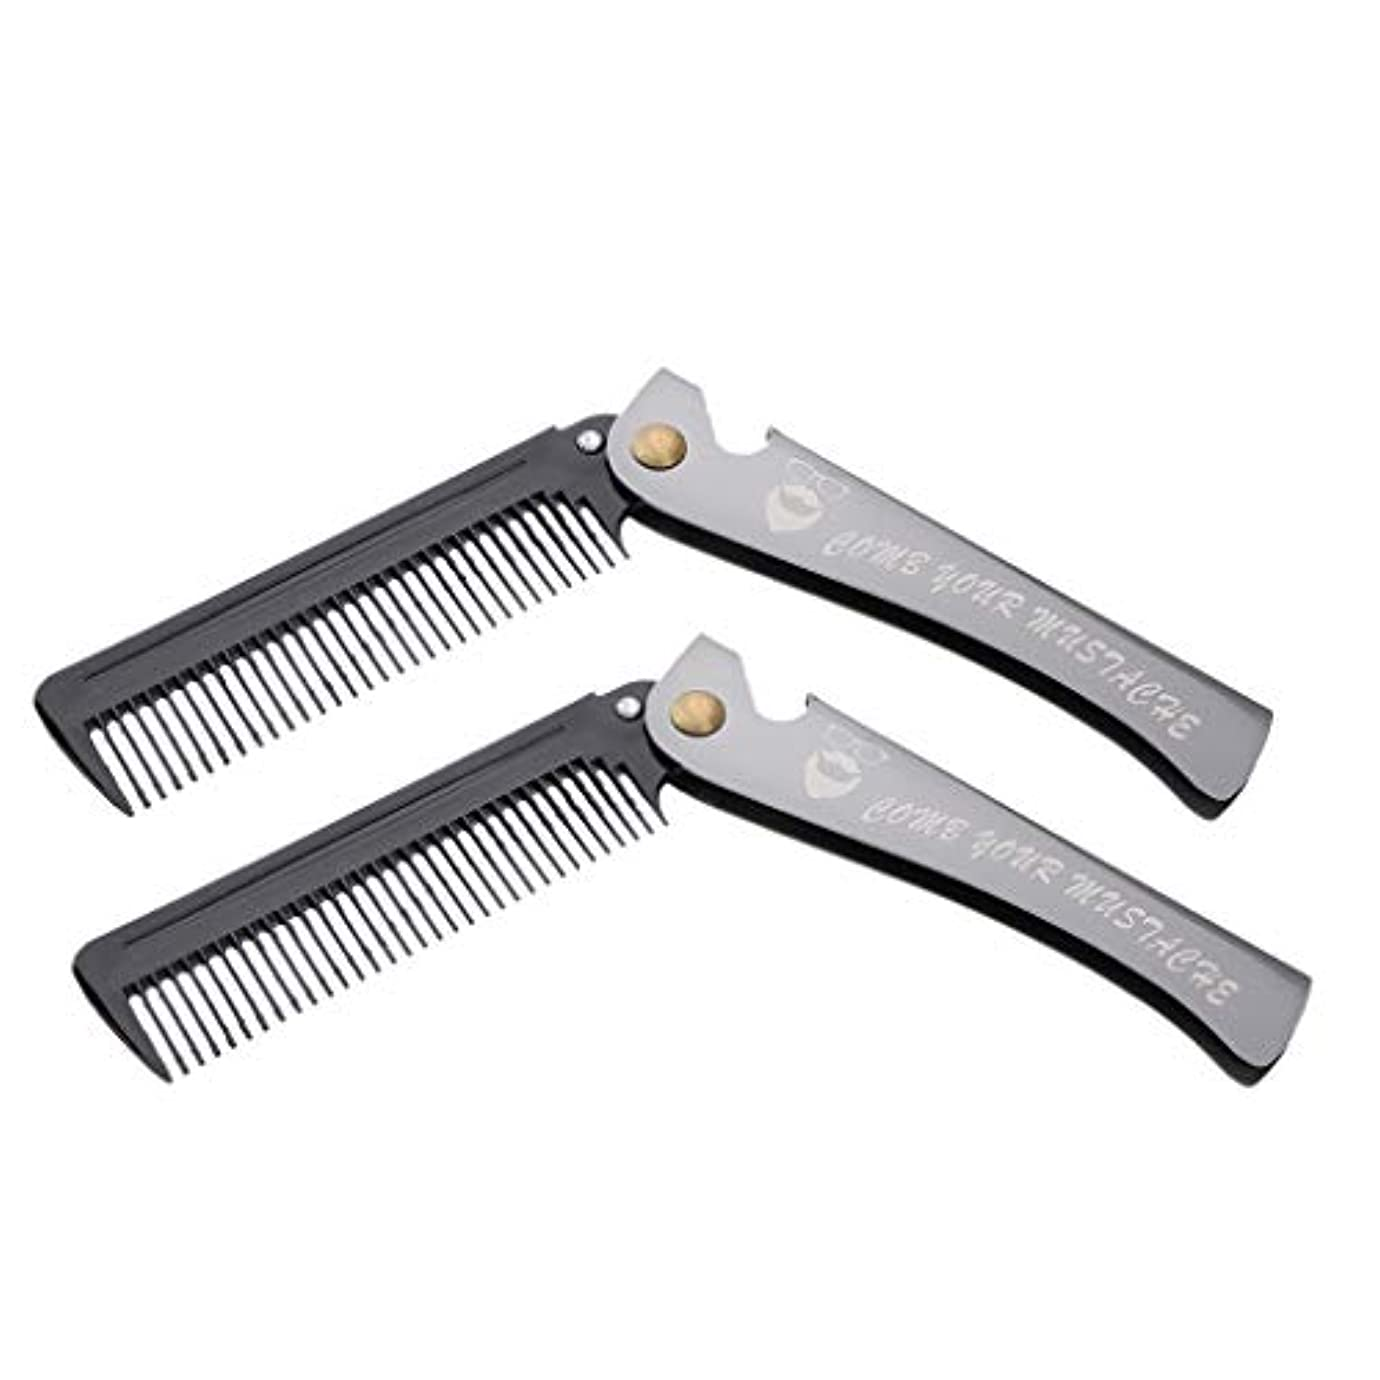 遠征変装した指令T TOOYFUL 2本帯電防止折りたたみ髪髭成形コムズポケットスタイリングくし黒